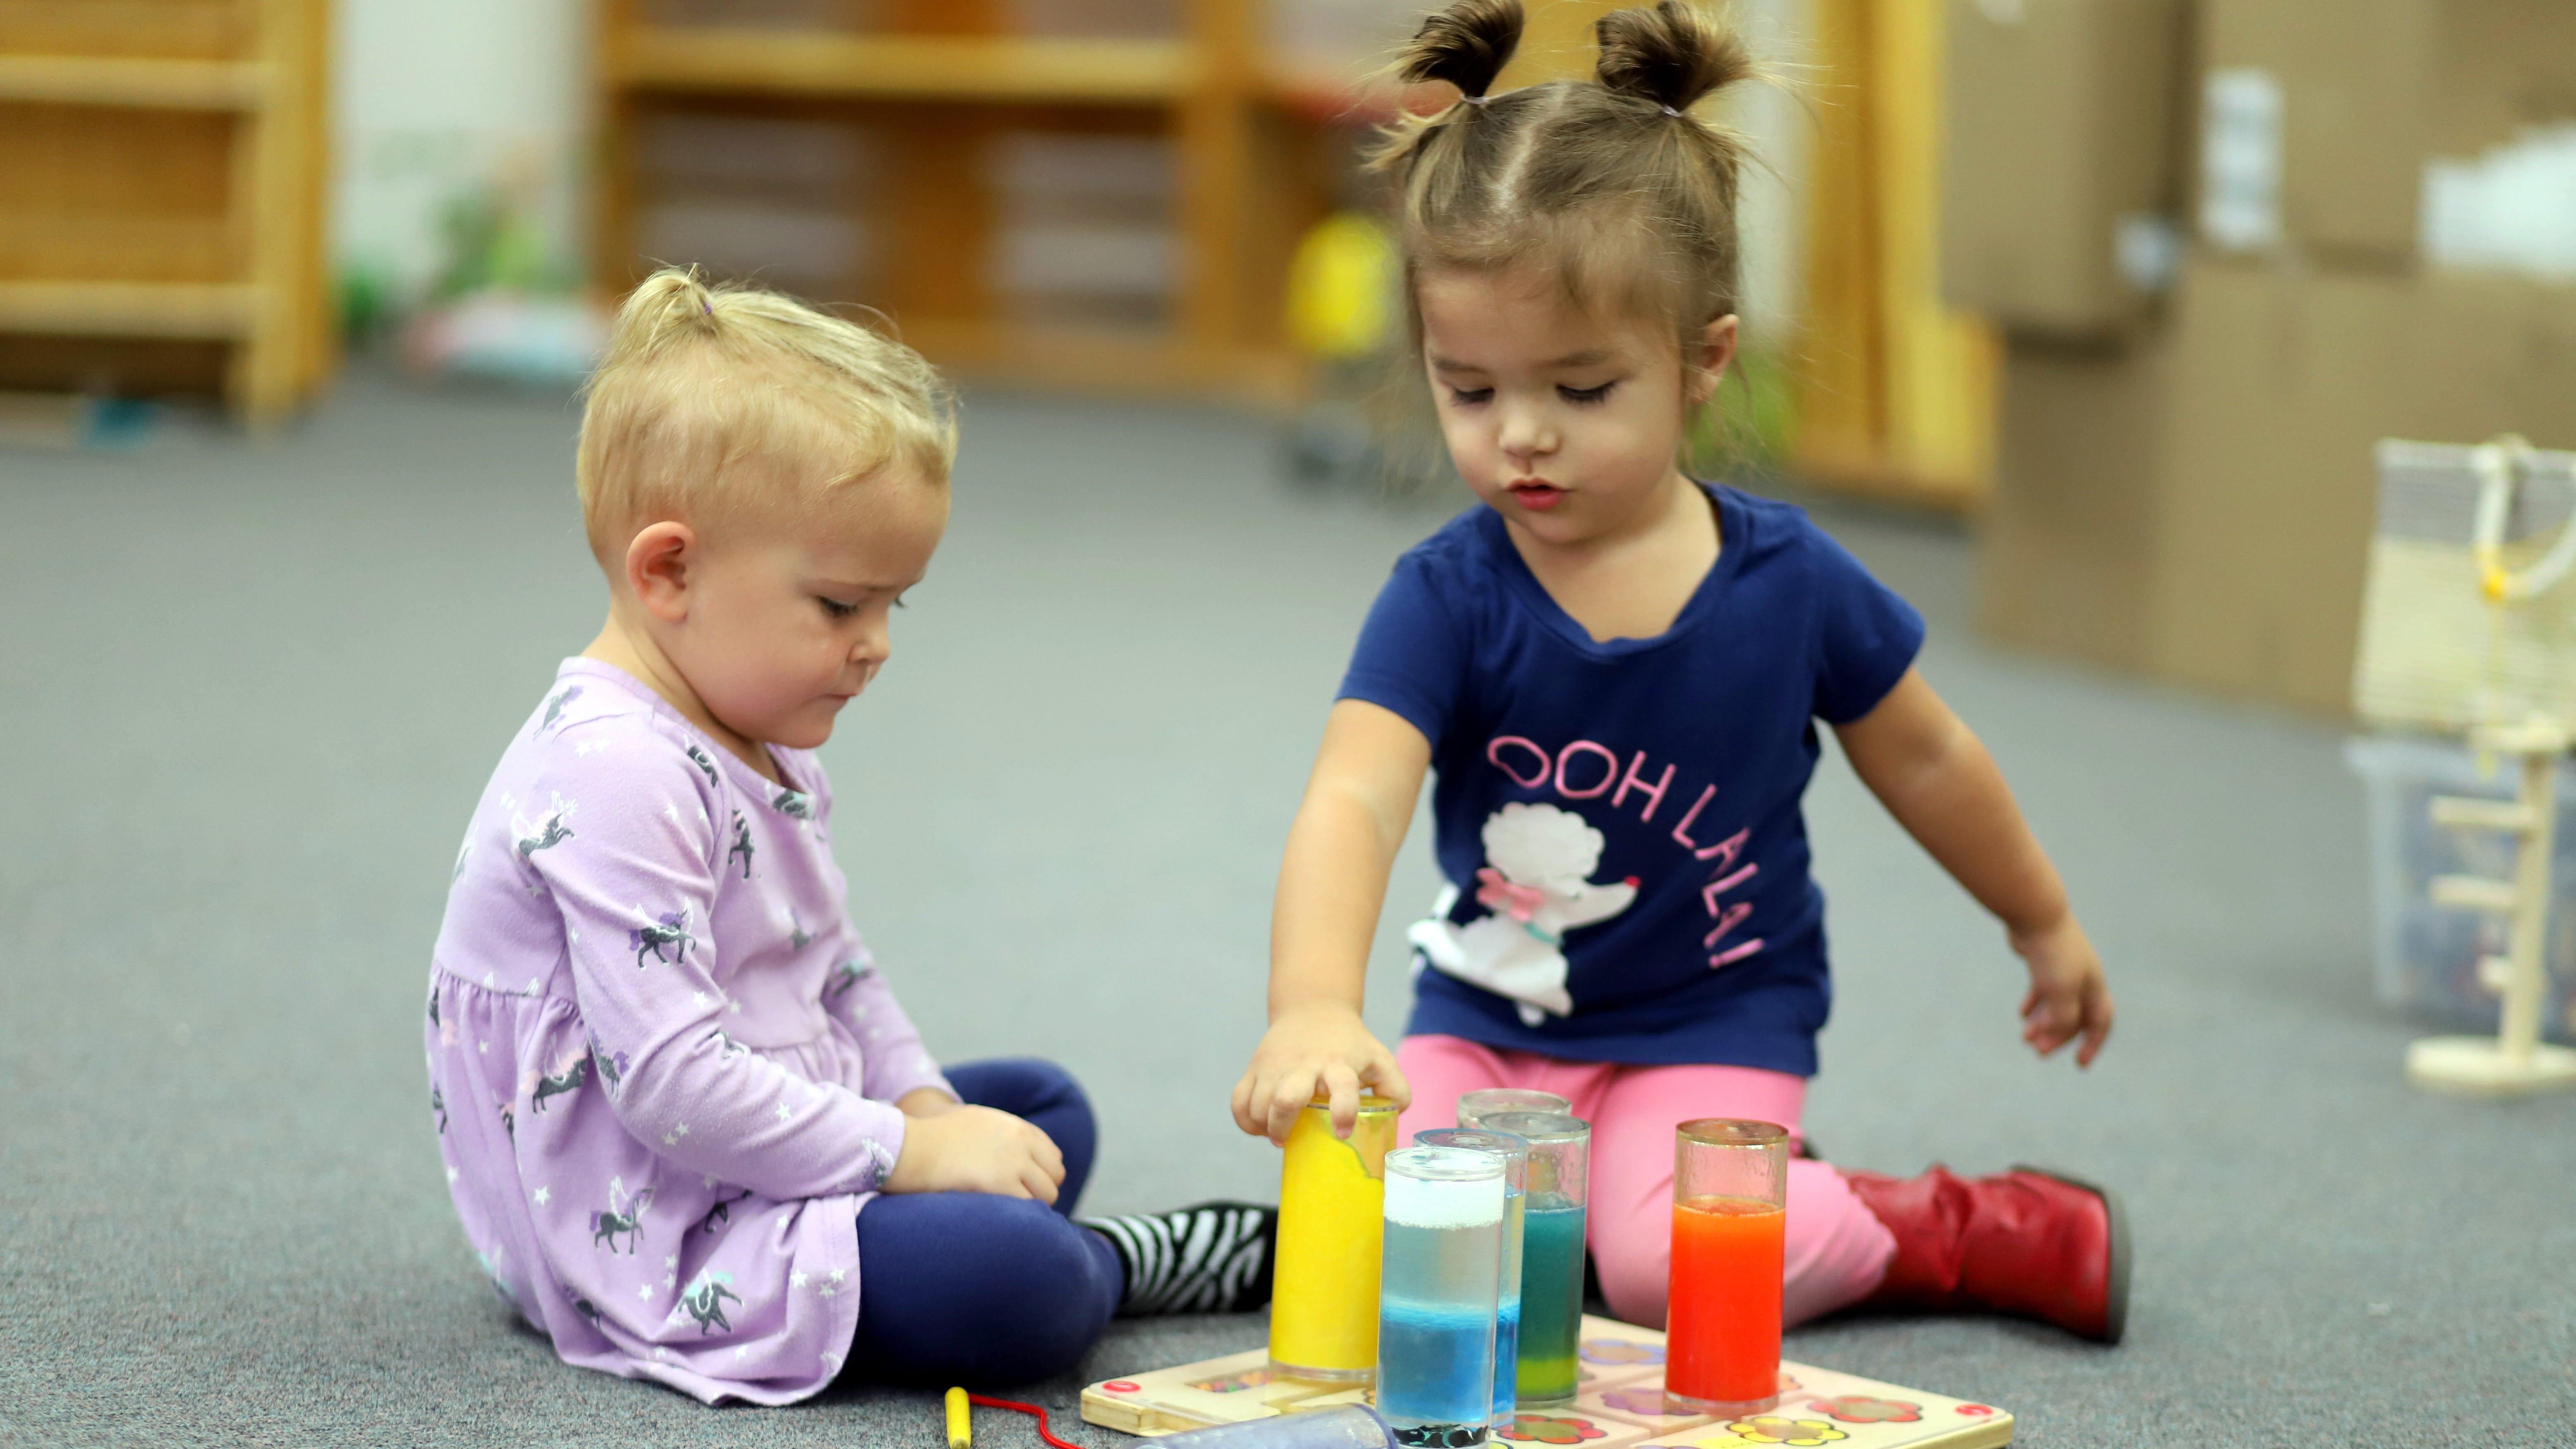 Children's interactive museum making strides